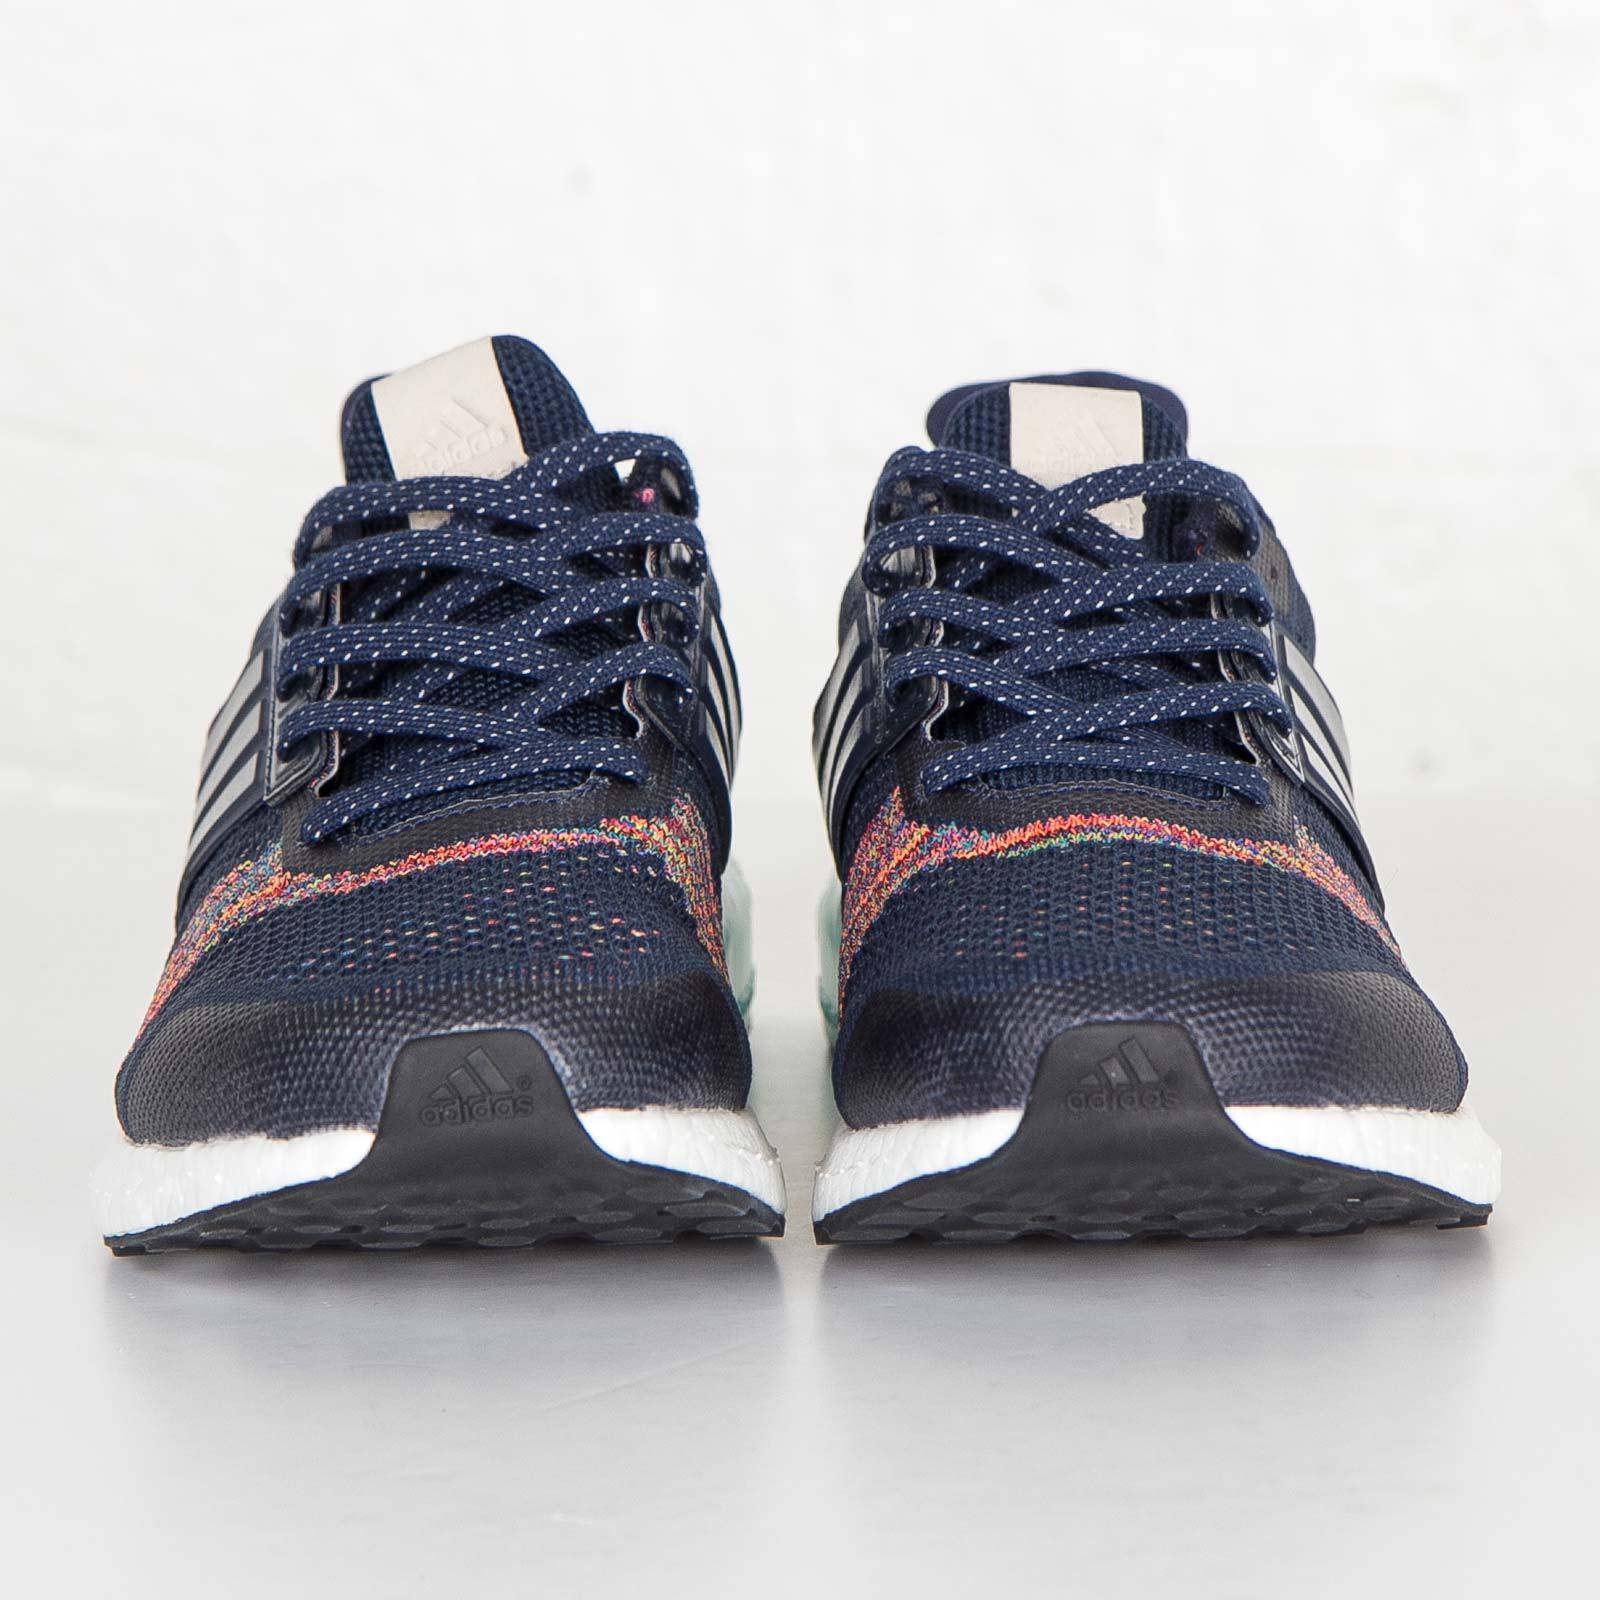 adidas Ultra Boost ST Ltd Aq5557 Sneakersnstuff